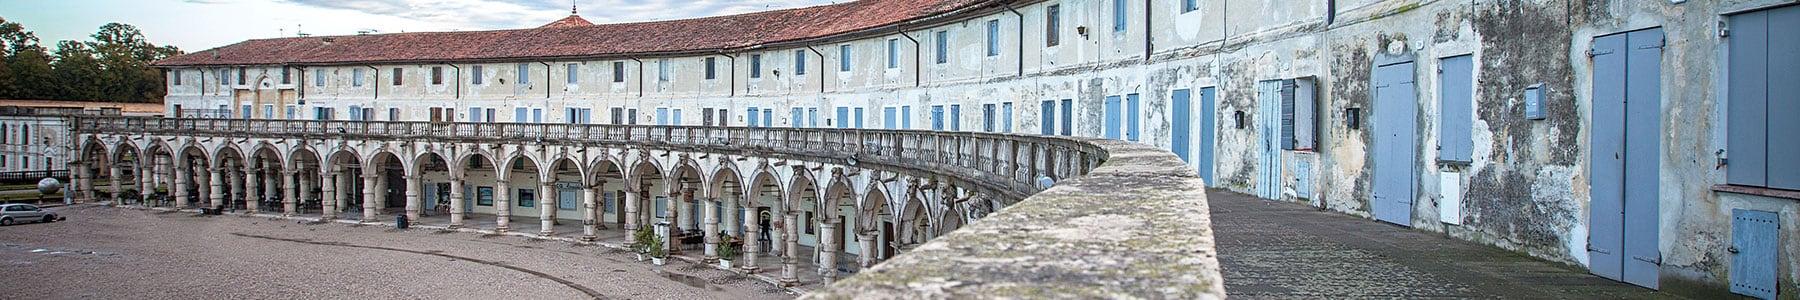 Logge Palladiane e Piazza Paolo Camerini